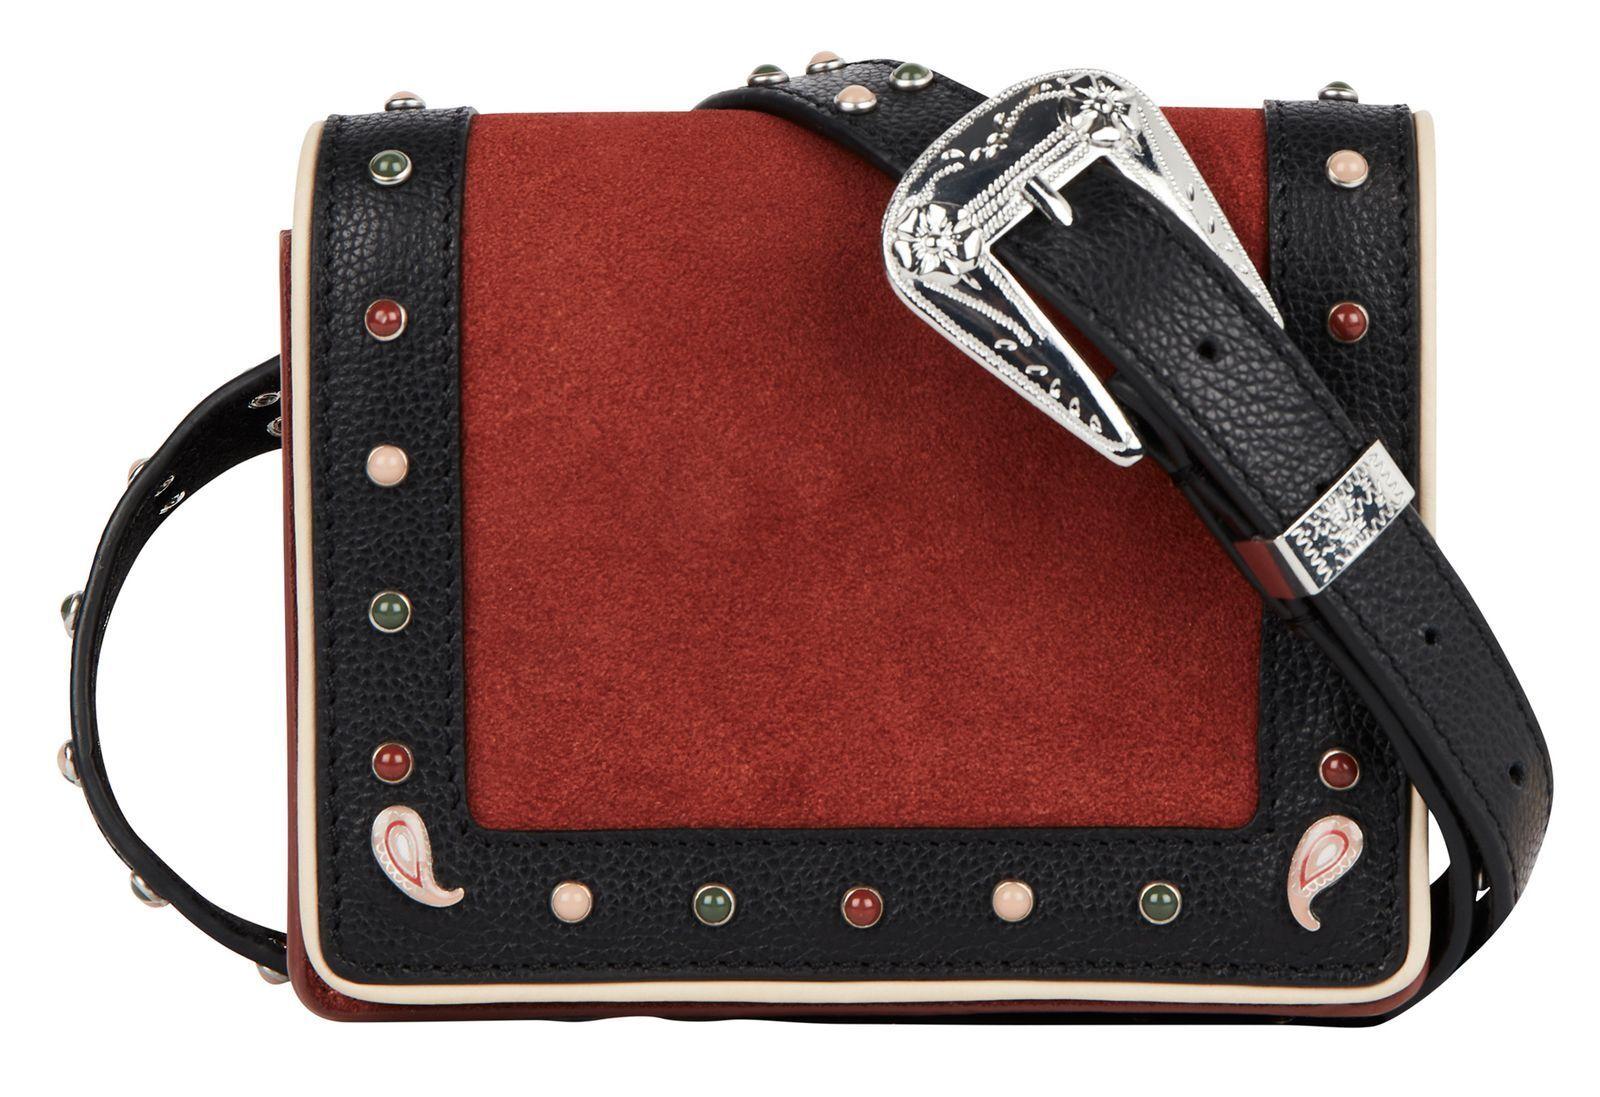 SCOTCH & SODA Western Belt Bag Gürteltasche Tasche Combo A Rot Schwarz Neu | Elegant Und Würdevoll  | Mittlere Kosten  | Luxus